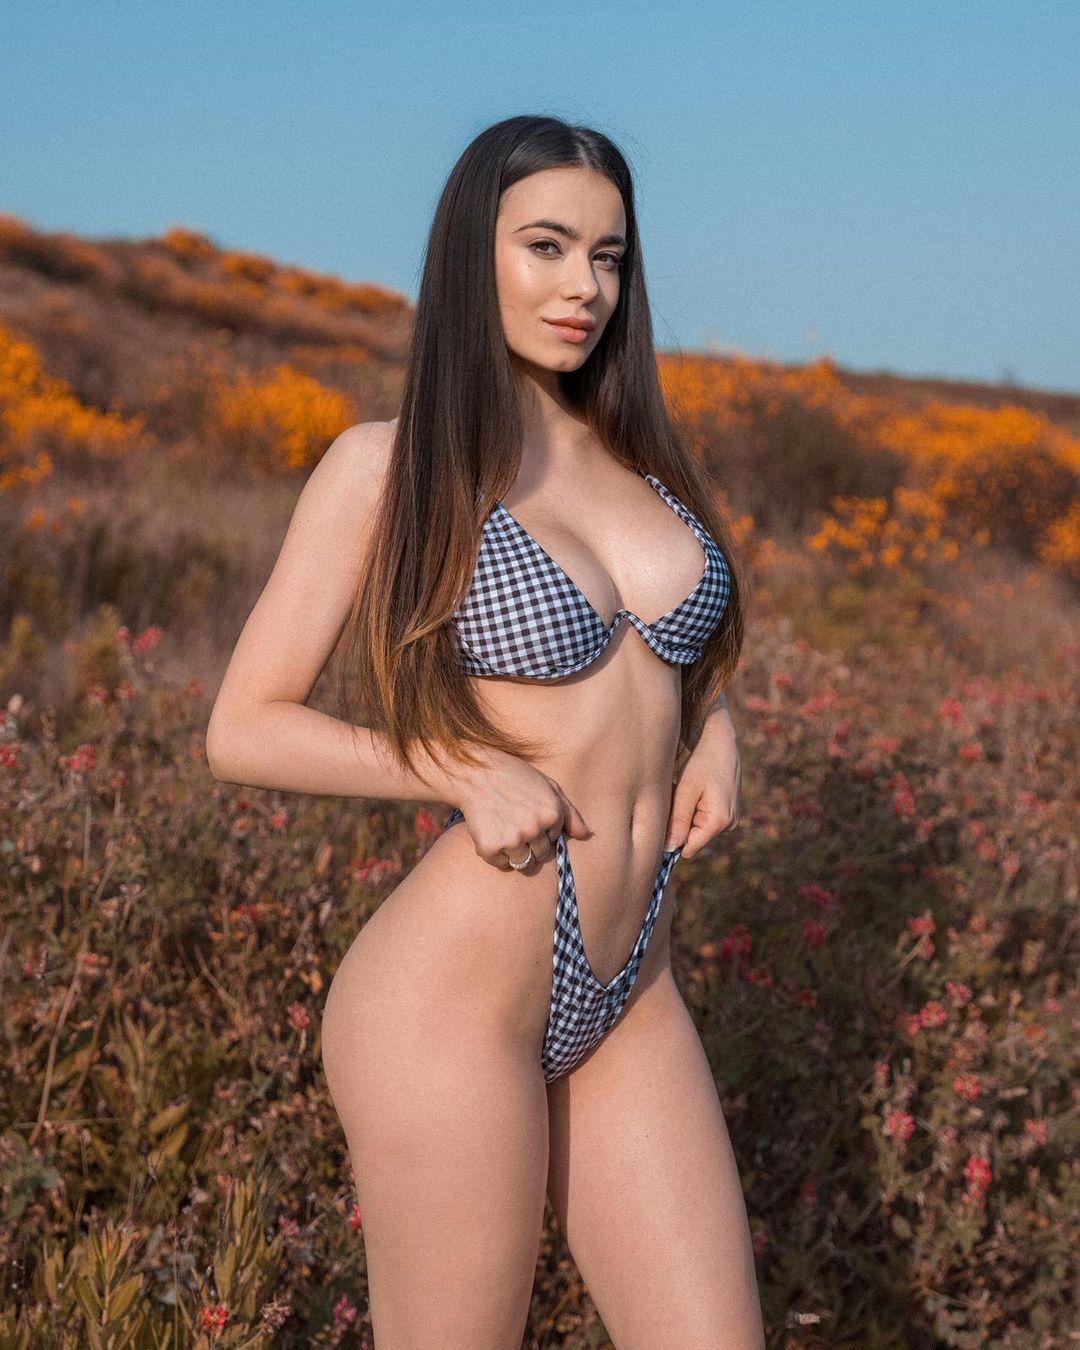 Eleonora Bertoli - Очаровательная итальянская модель и идеальными изгибами 4